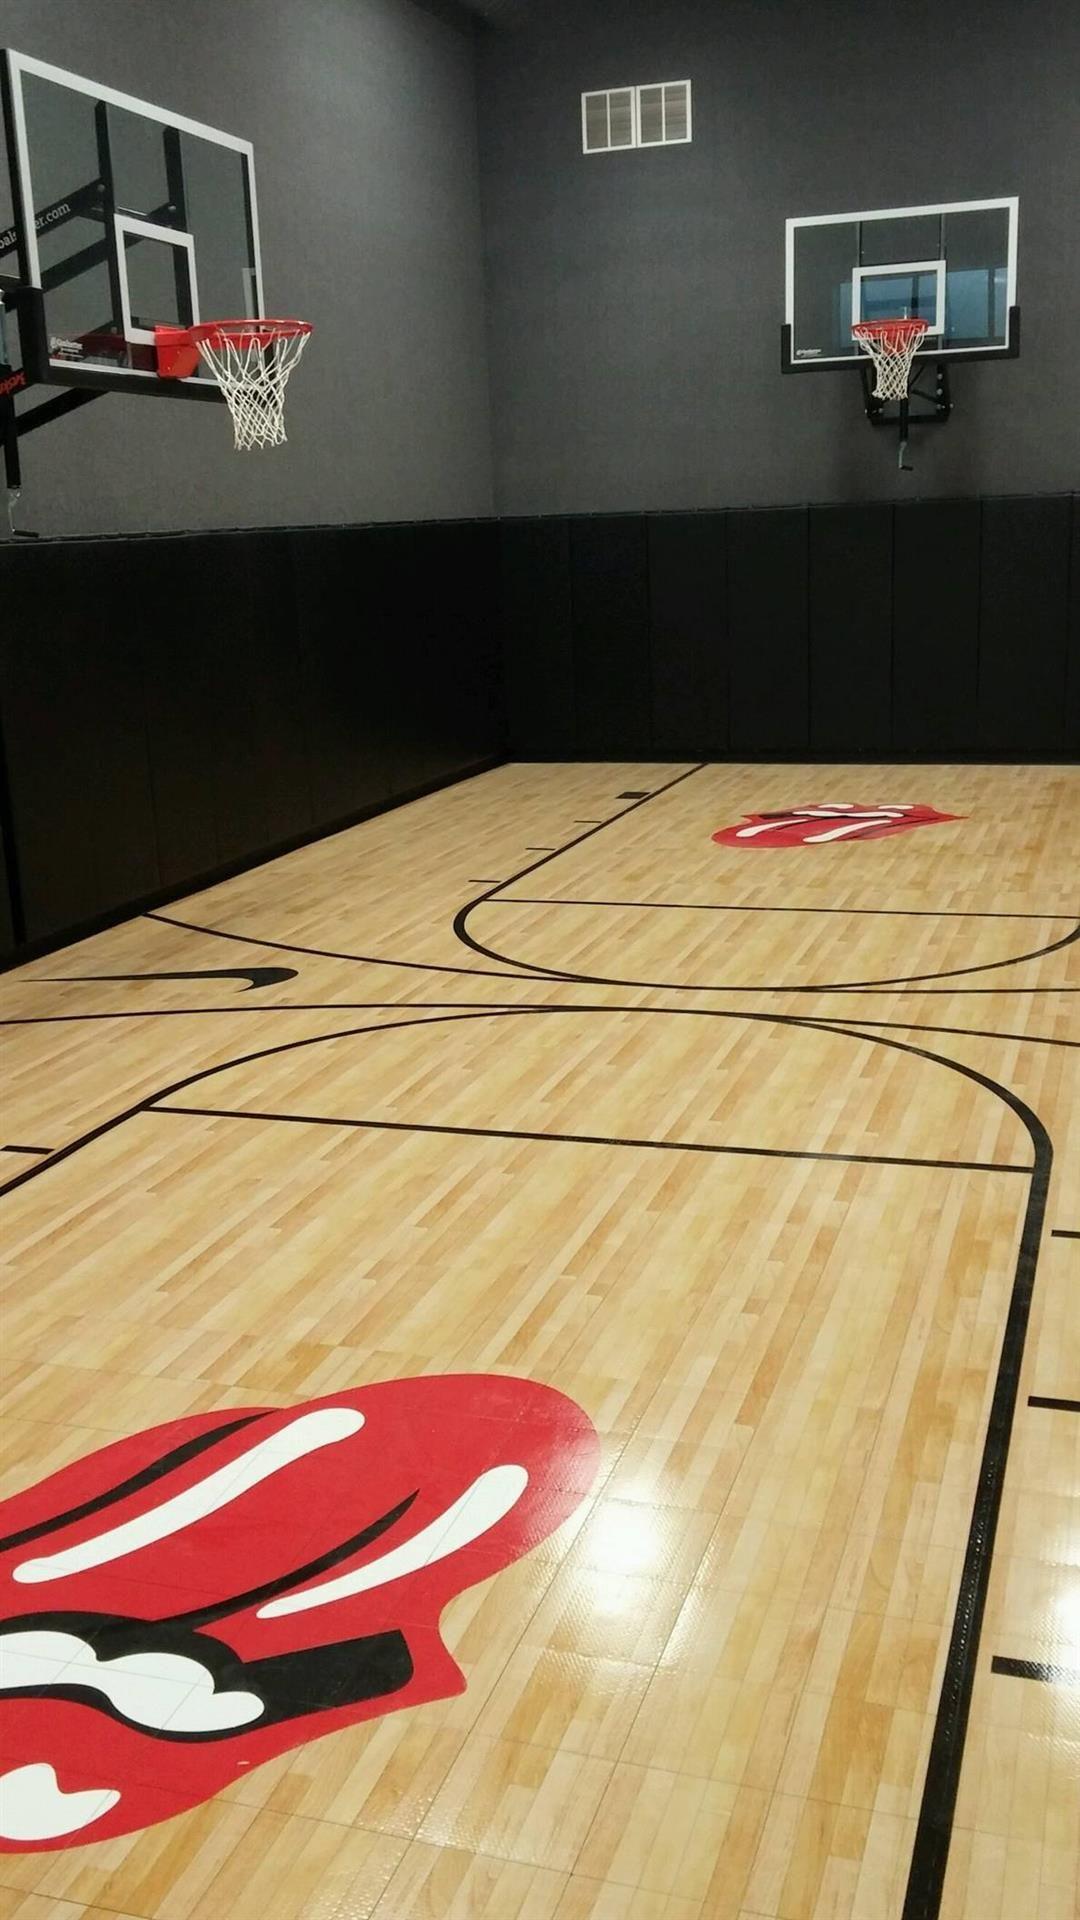 Indoor Home Gym Gallery Basketball room, Indoor batting